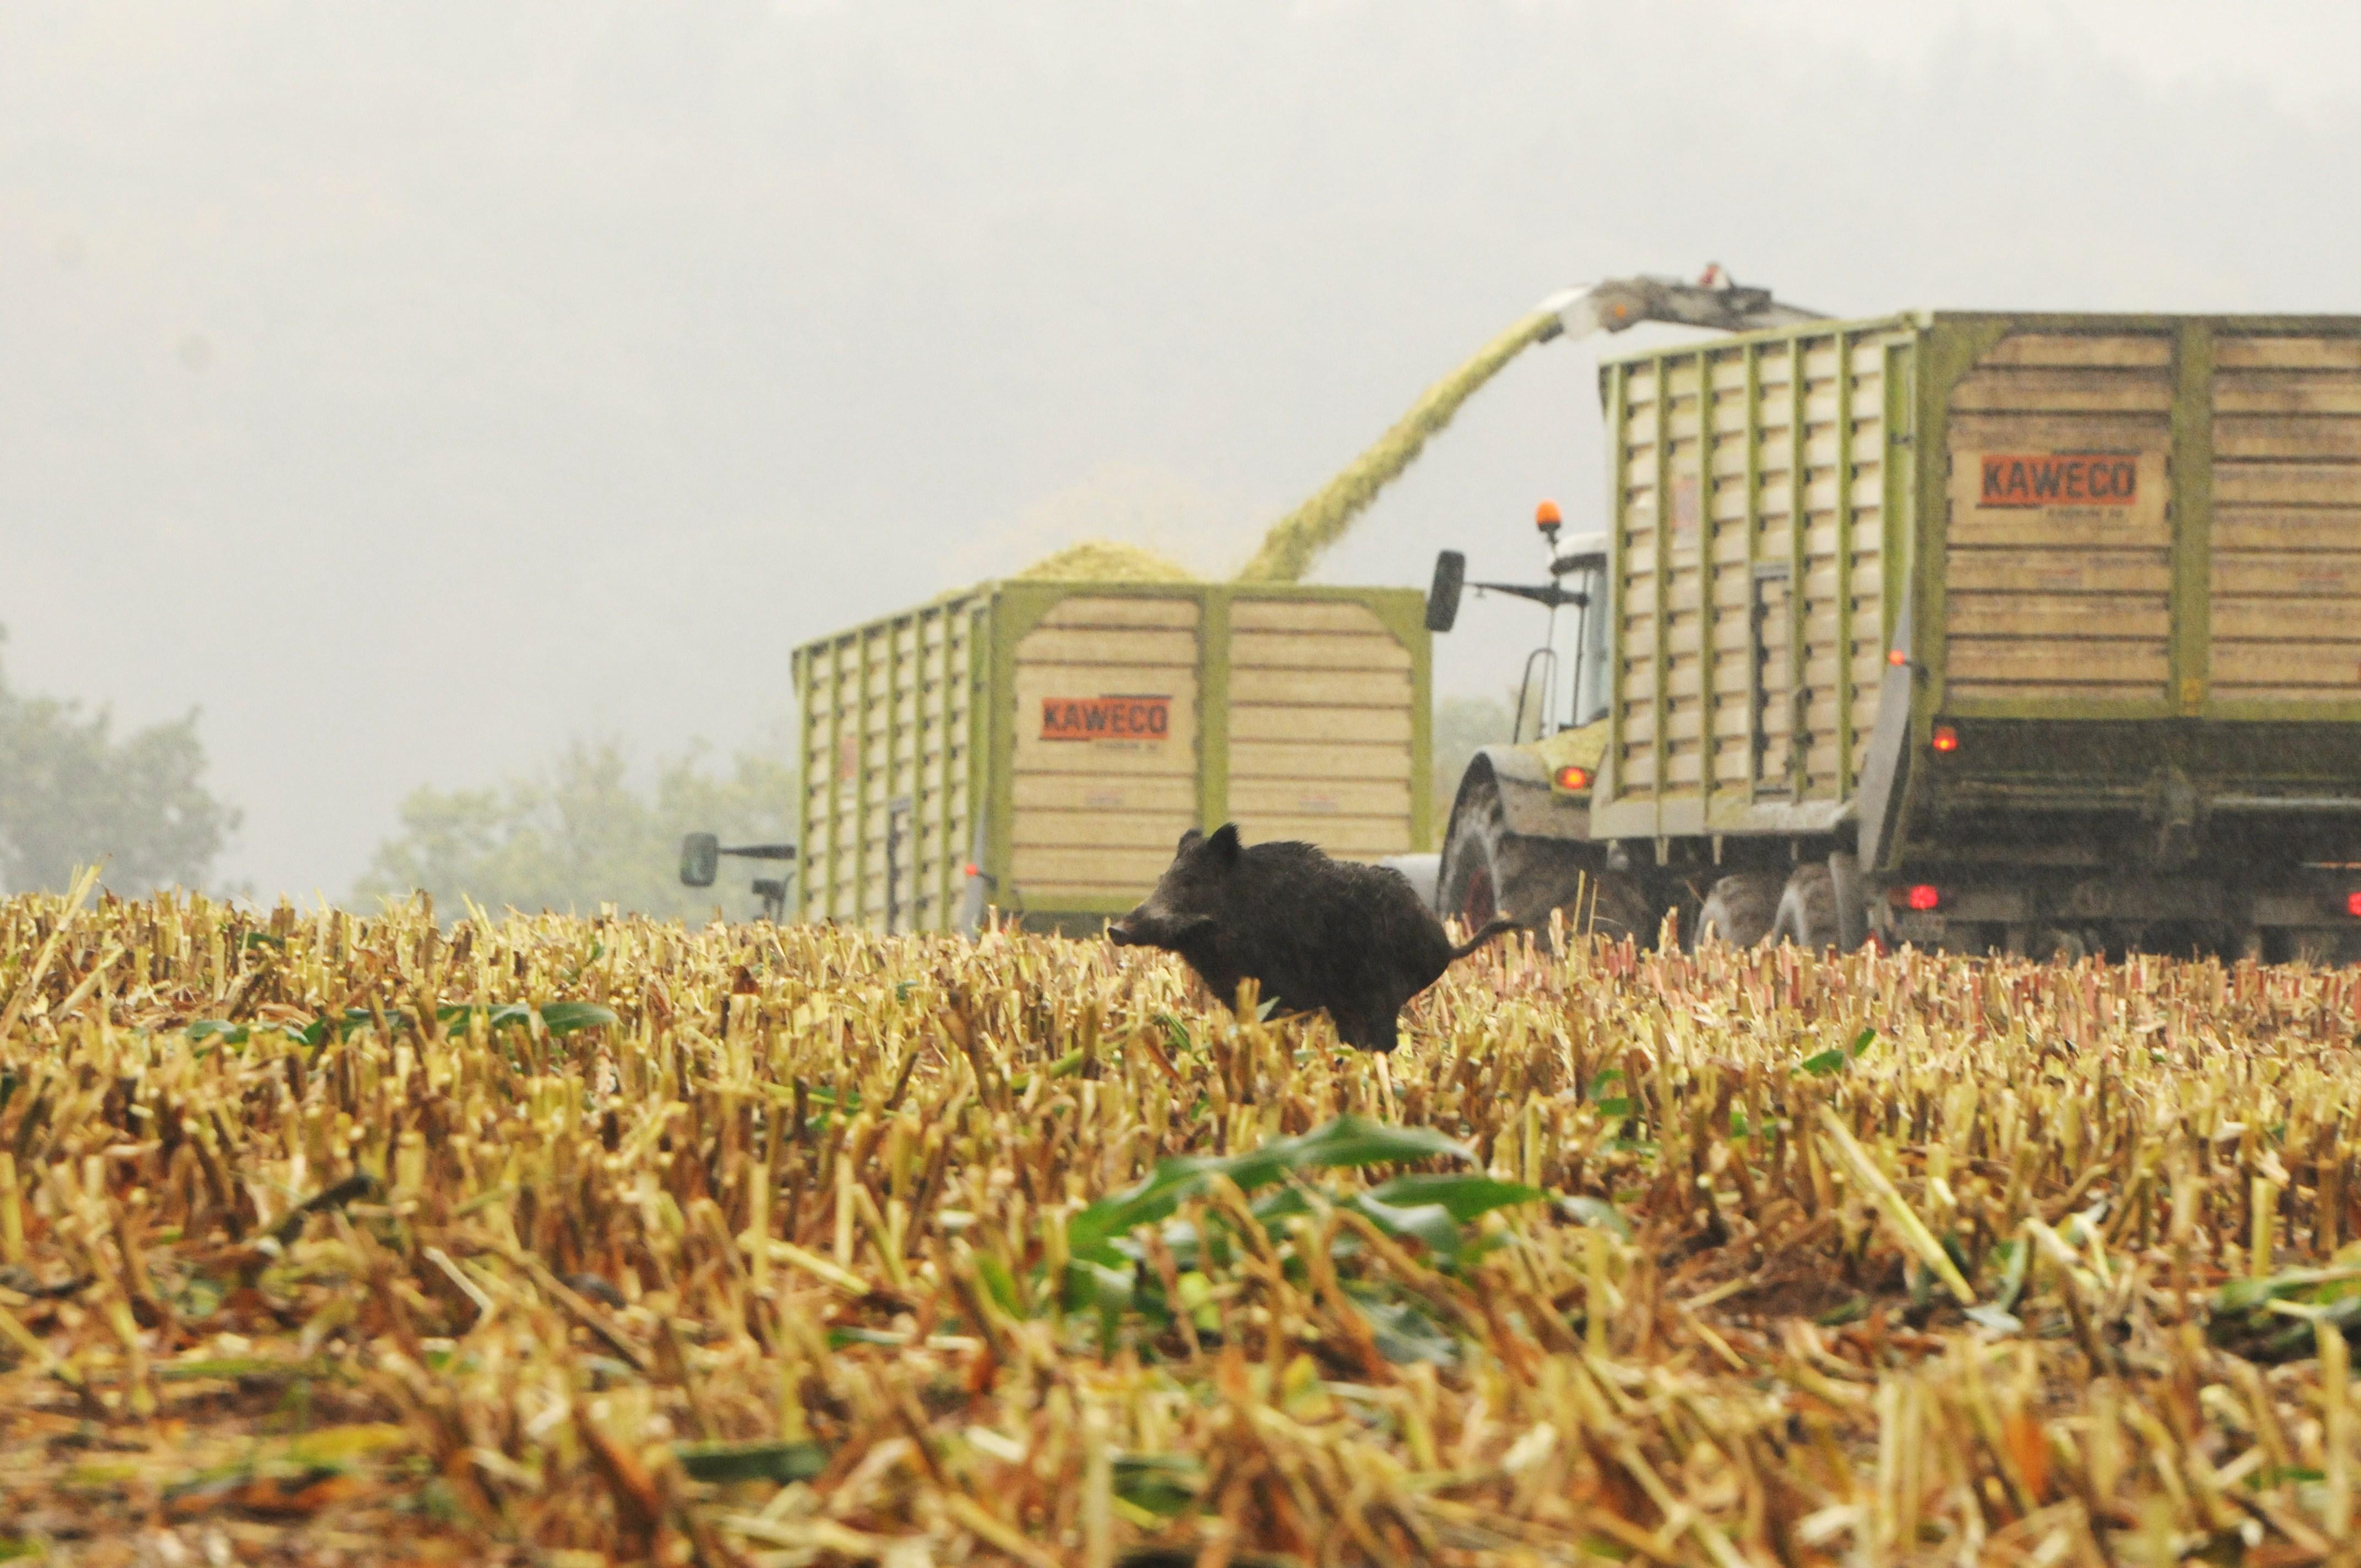 Maisjagd - Mann durch Querschläger getötet Mais Maisjagd Sauen Wildschwein Erntejagd